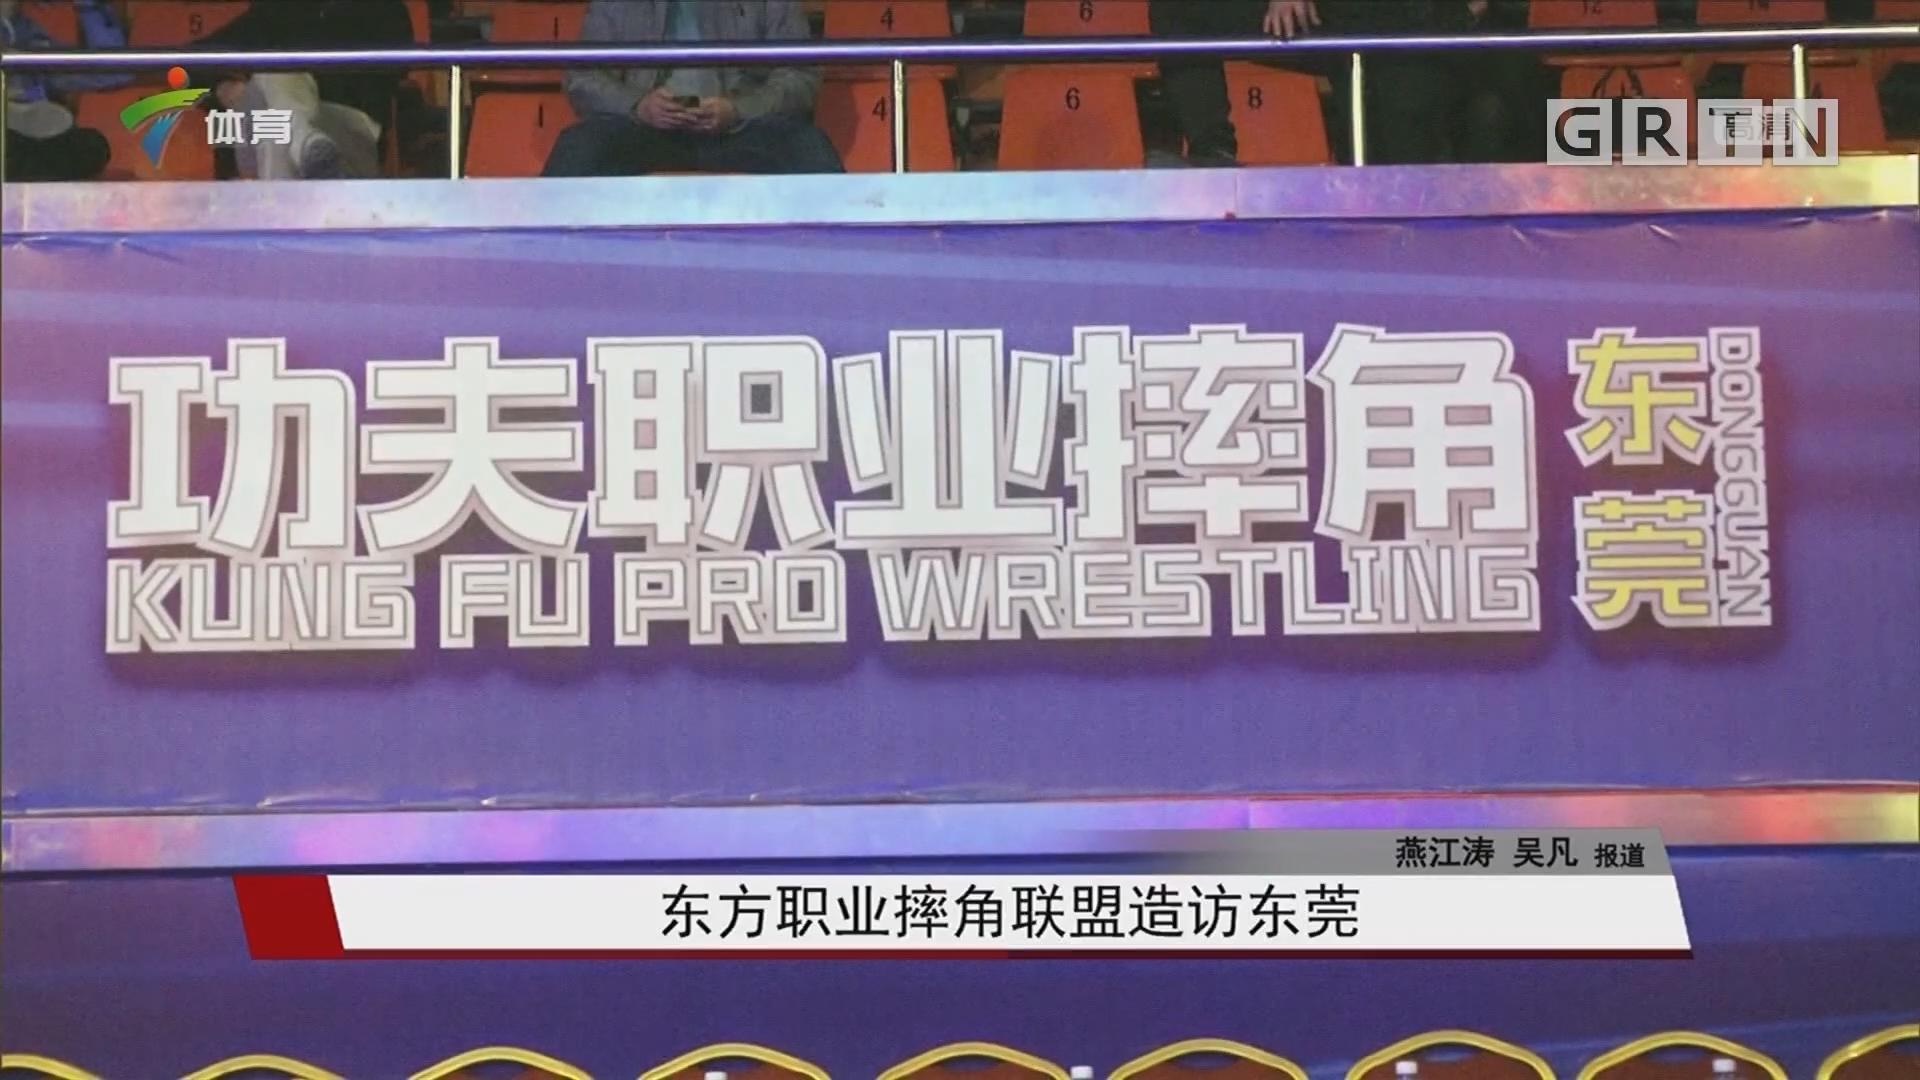 东方职业摔角联盟造访东莞